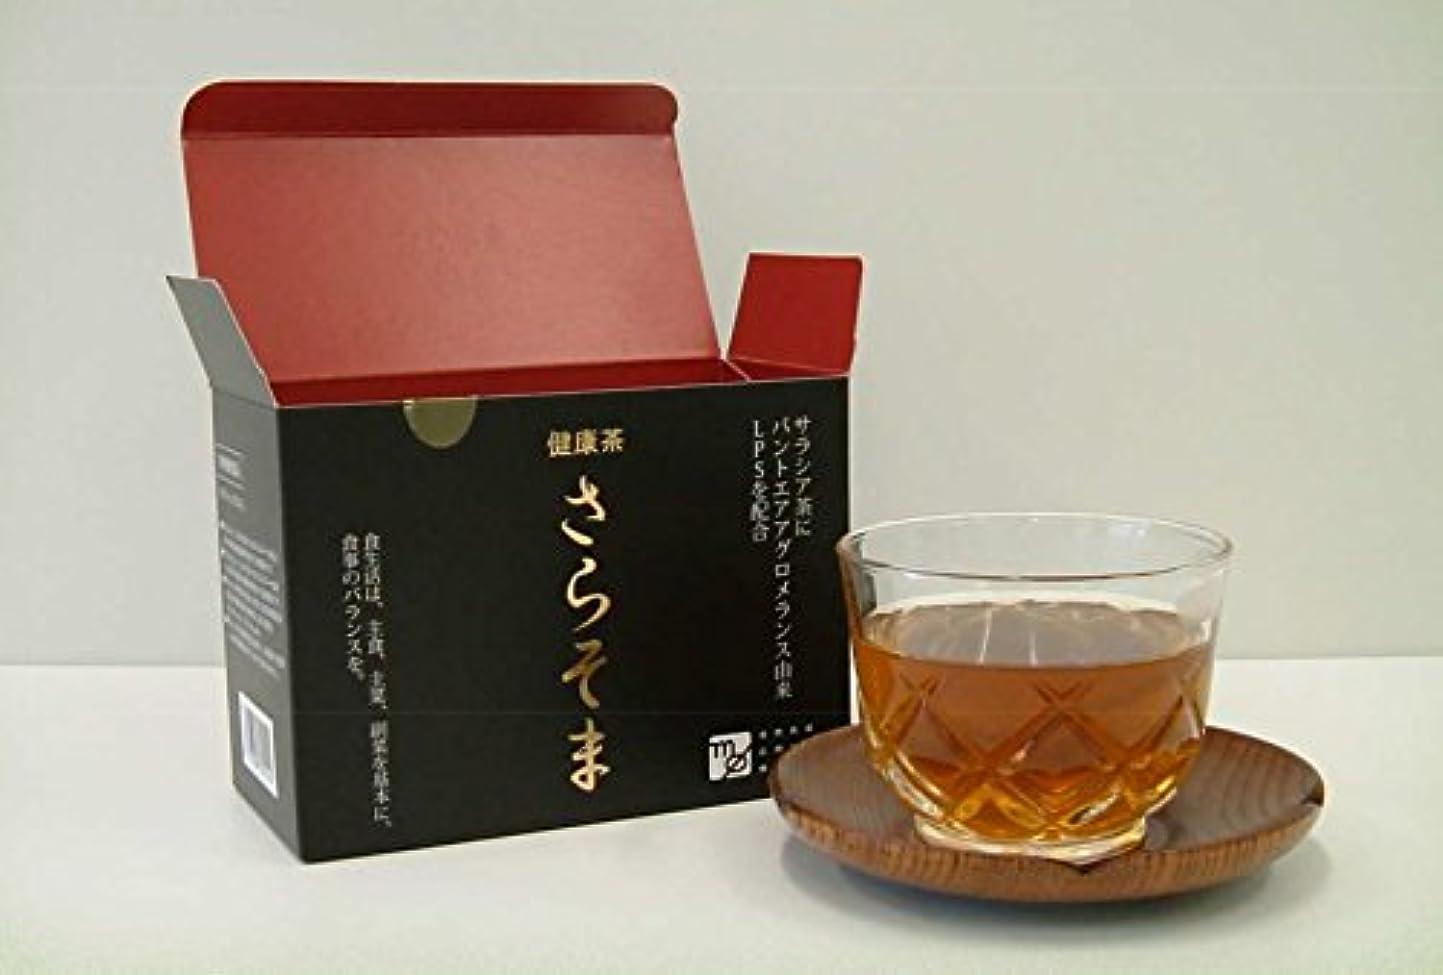 未満合理化想像力健康茶さらそま 旧サラソマ茶